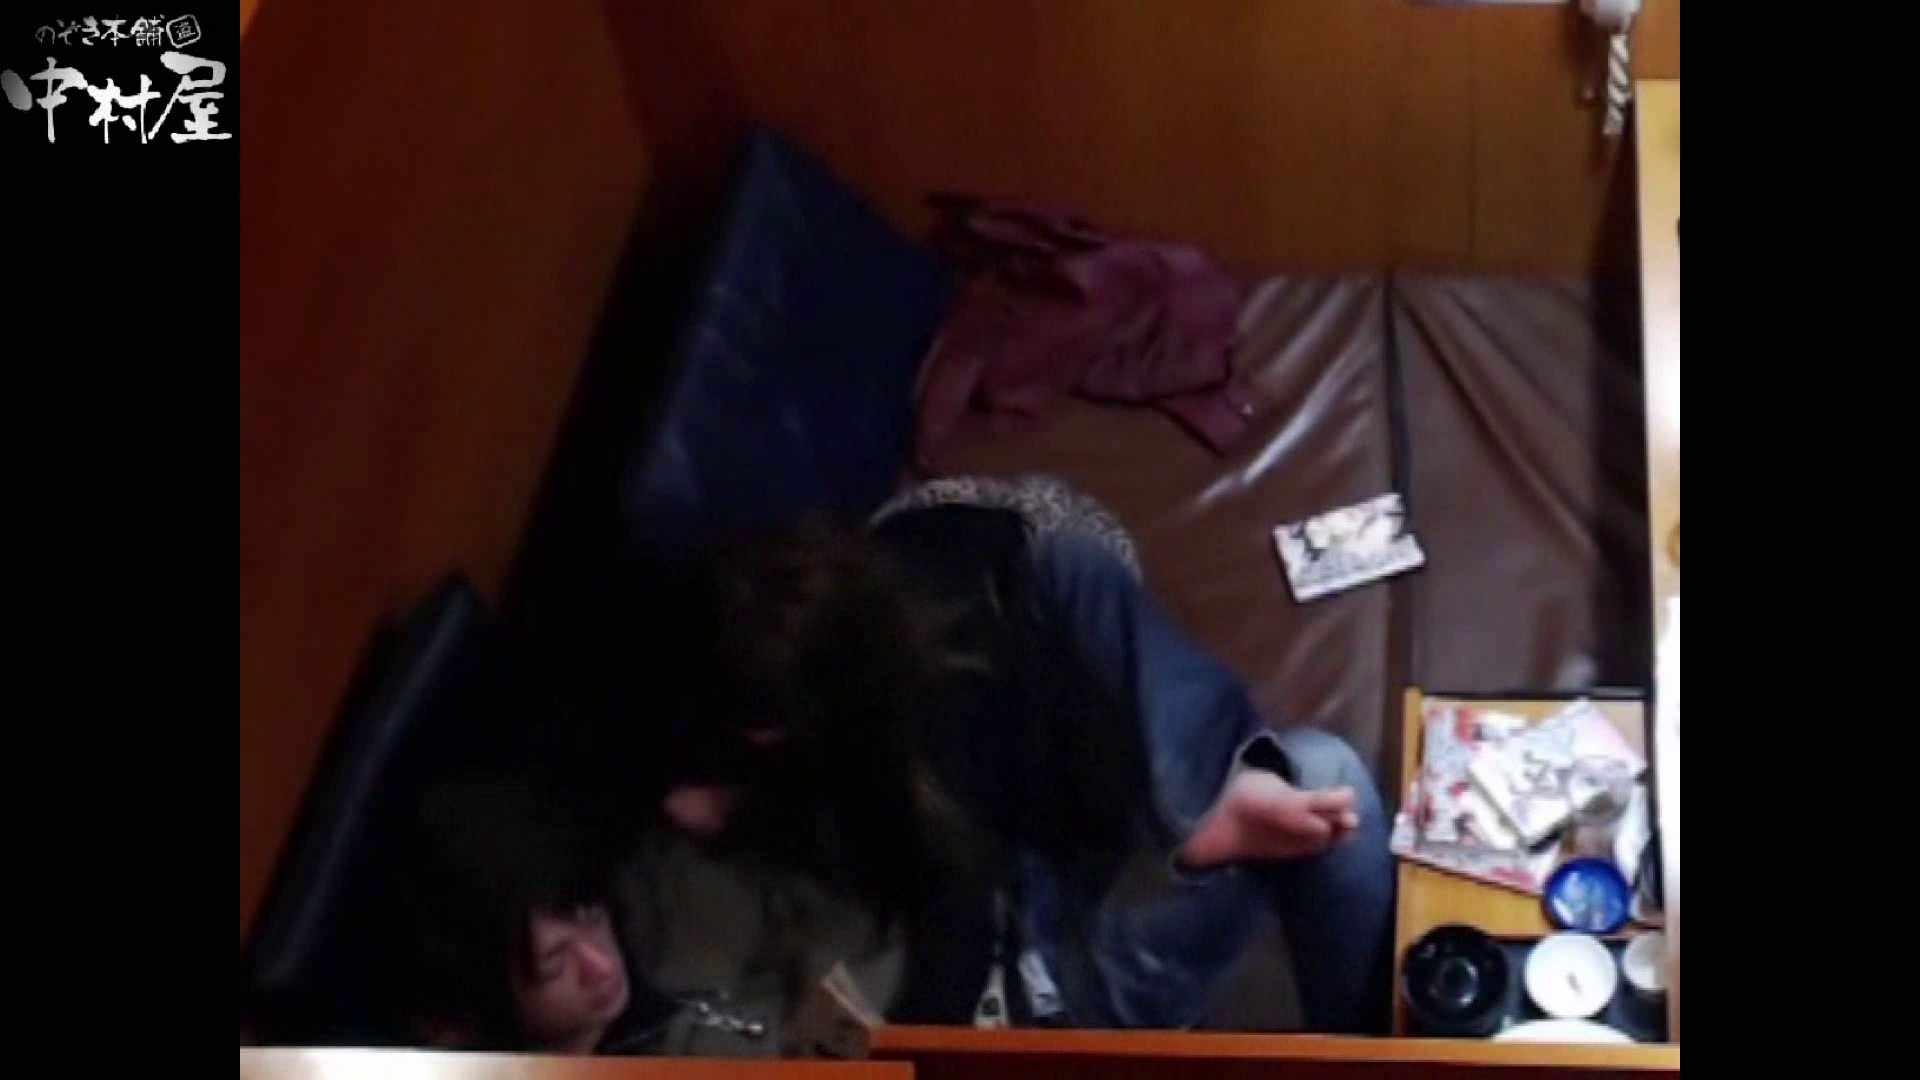 ネットカフェ盗撮師トロントさんの 素人カップル盗撮記vol.4 フェラチオ オマンコ動画キャプチャ 102連発 18